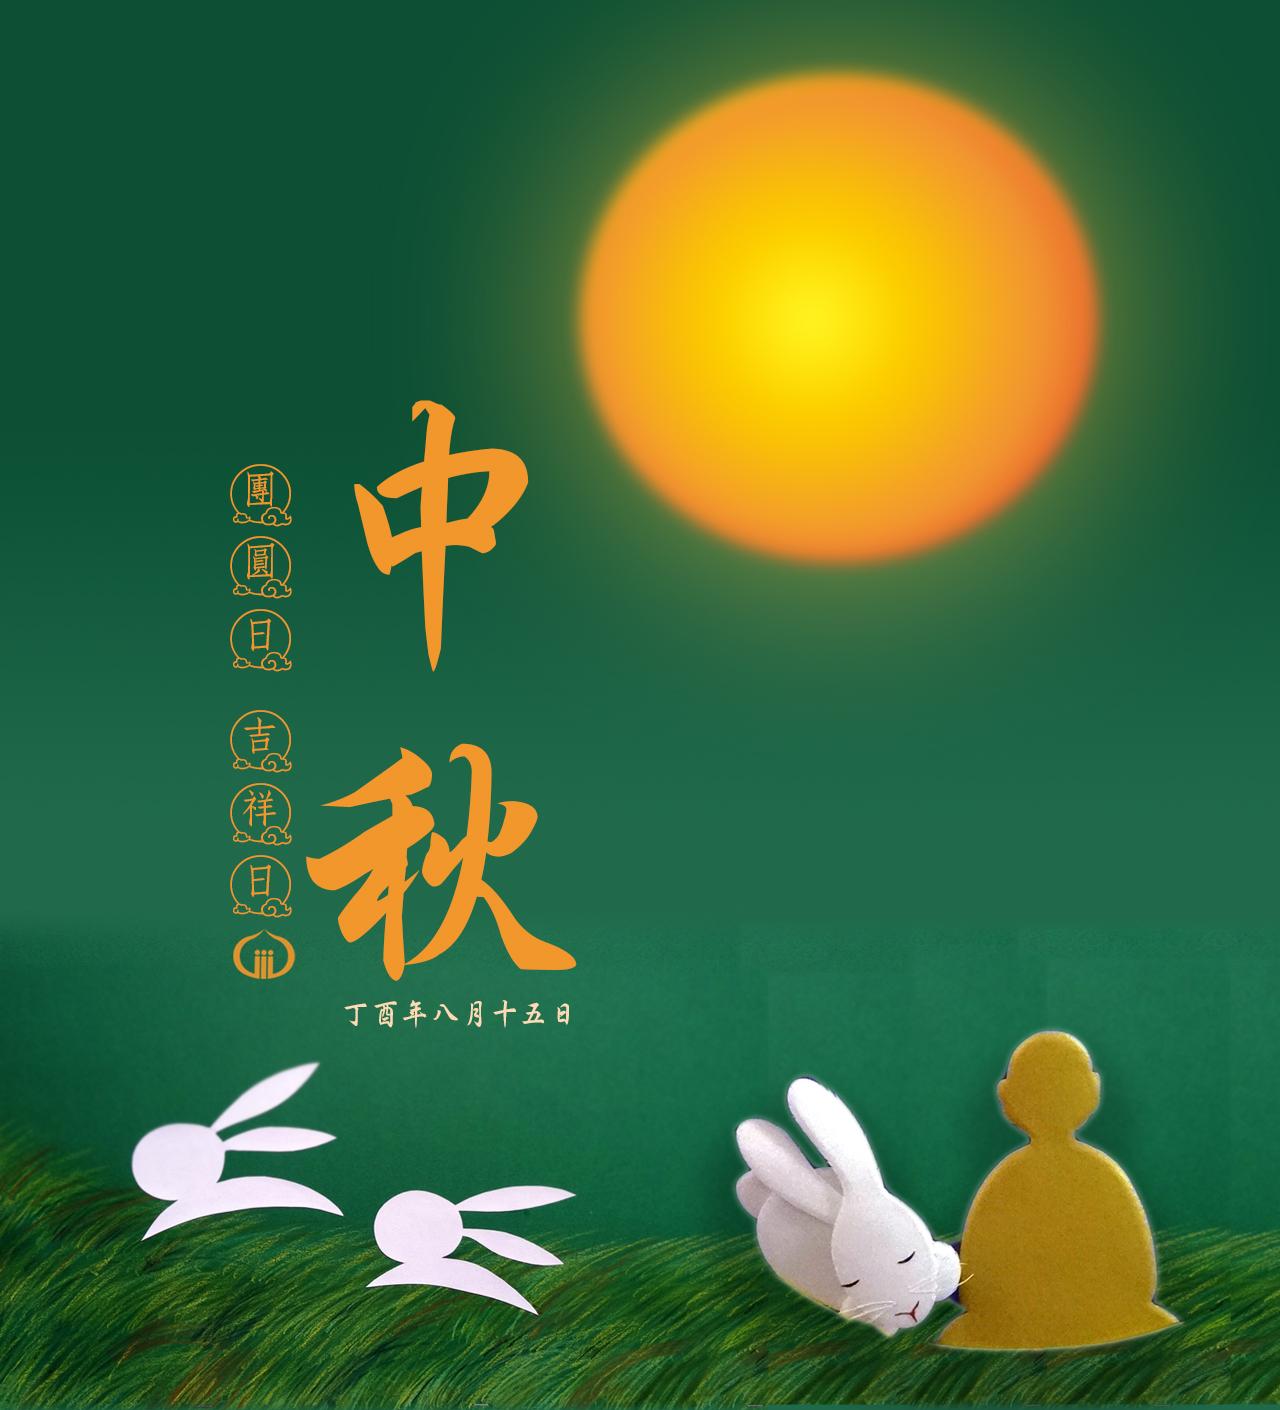 歲次丁酉年八月十五日 中秋佳節 祈願大家 平安快樂